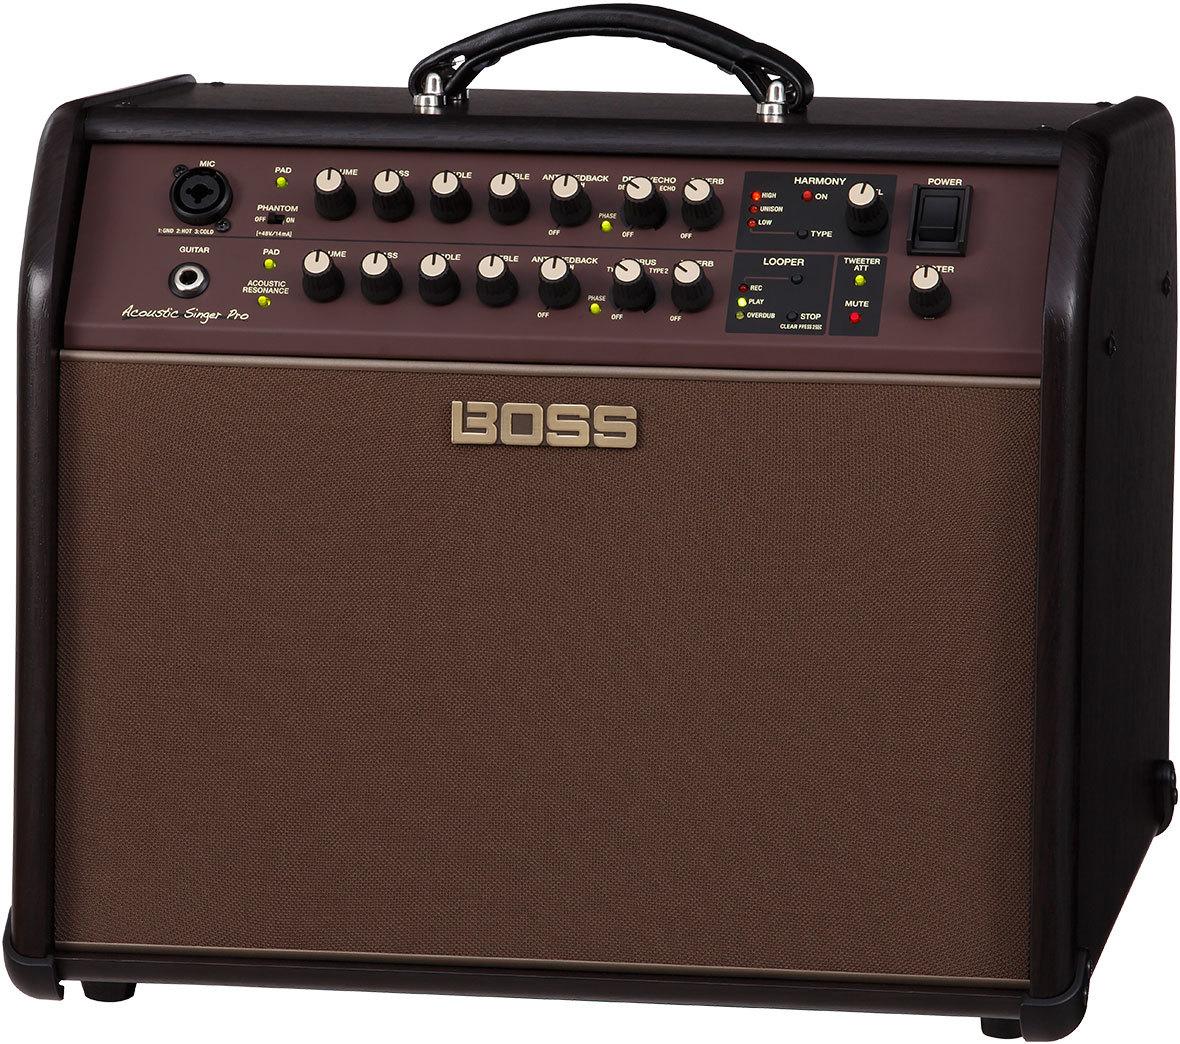 BOSS ACS-PRO Acoustic Singer Pro Acoustic Amplifier